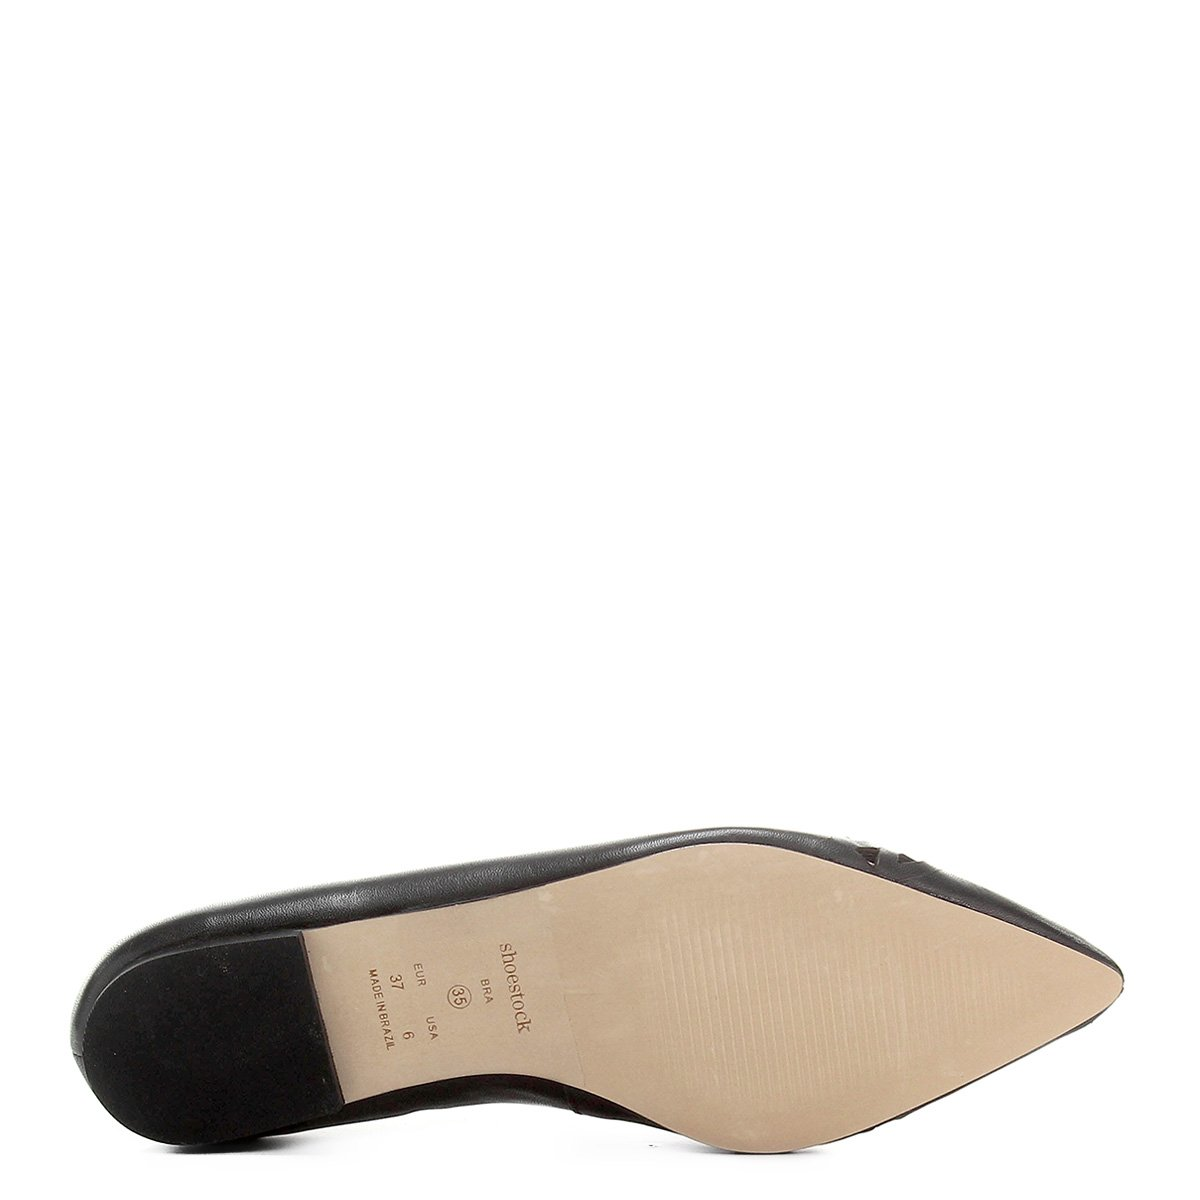 Lasercut Fino Couro Bico Couro Sapatilha Shoestock Sapatilha Preto Feminina Bico Shoestock 0T8Bnqx0